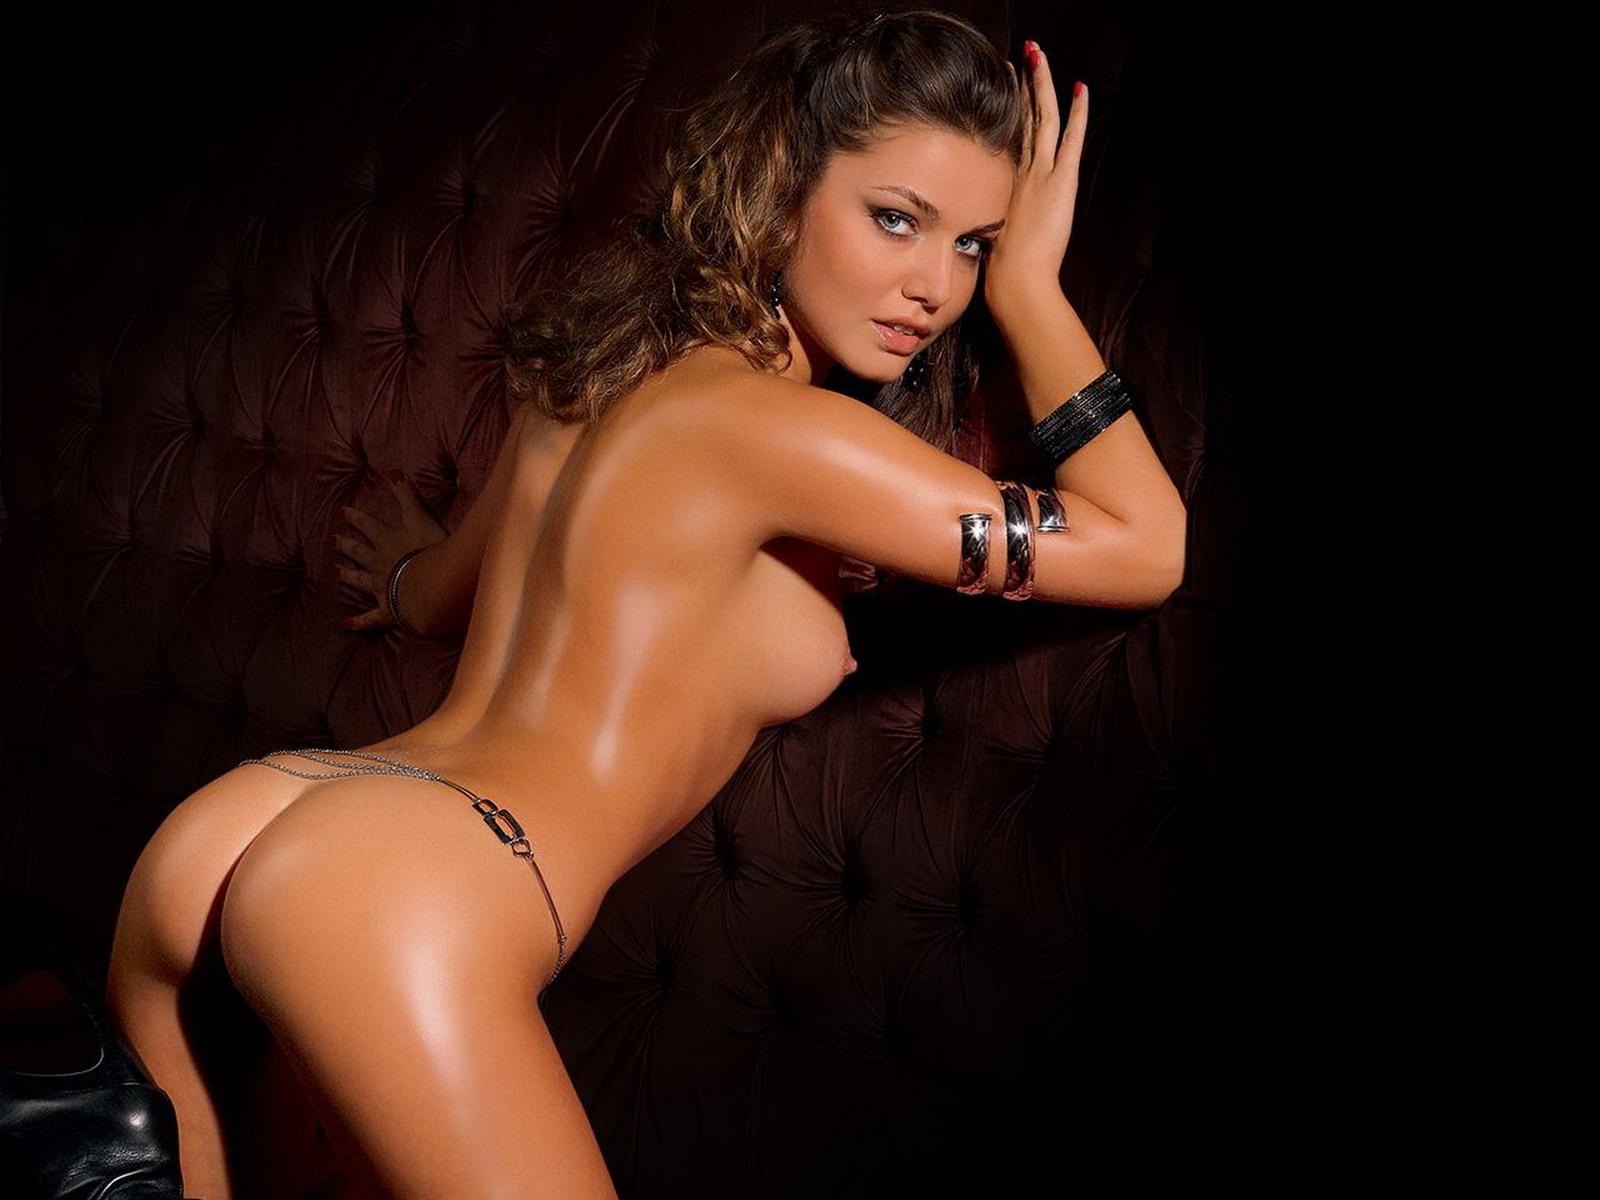 Прелестная голая девушка 17 фотография